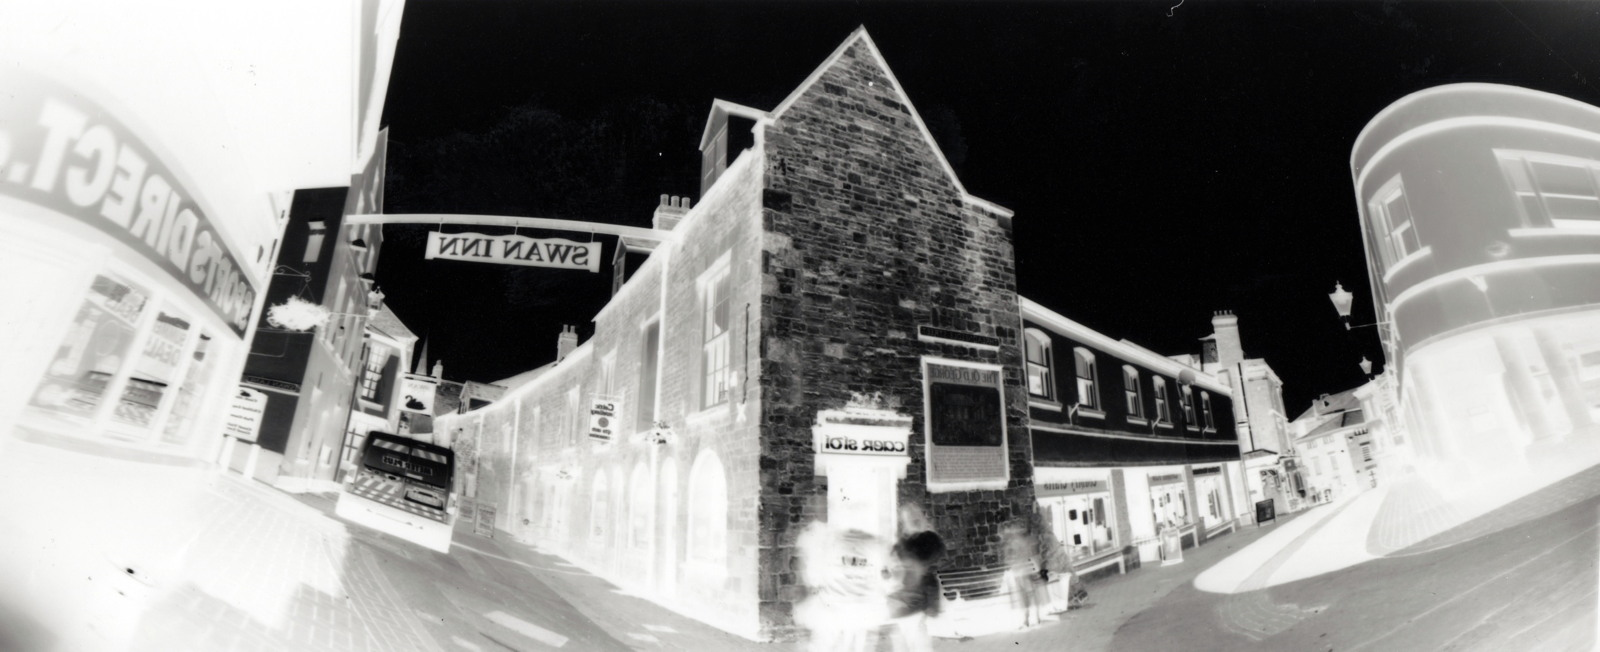 16. Lower Swan Lane